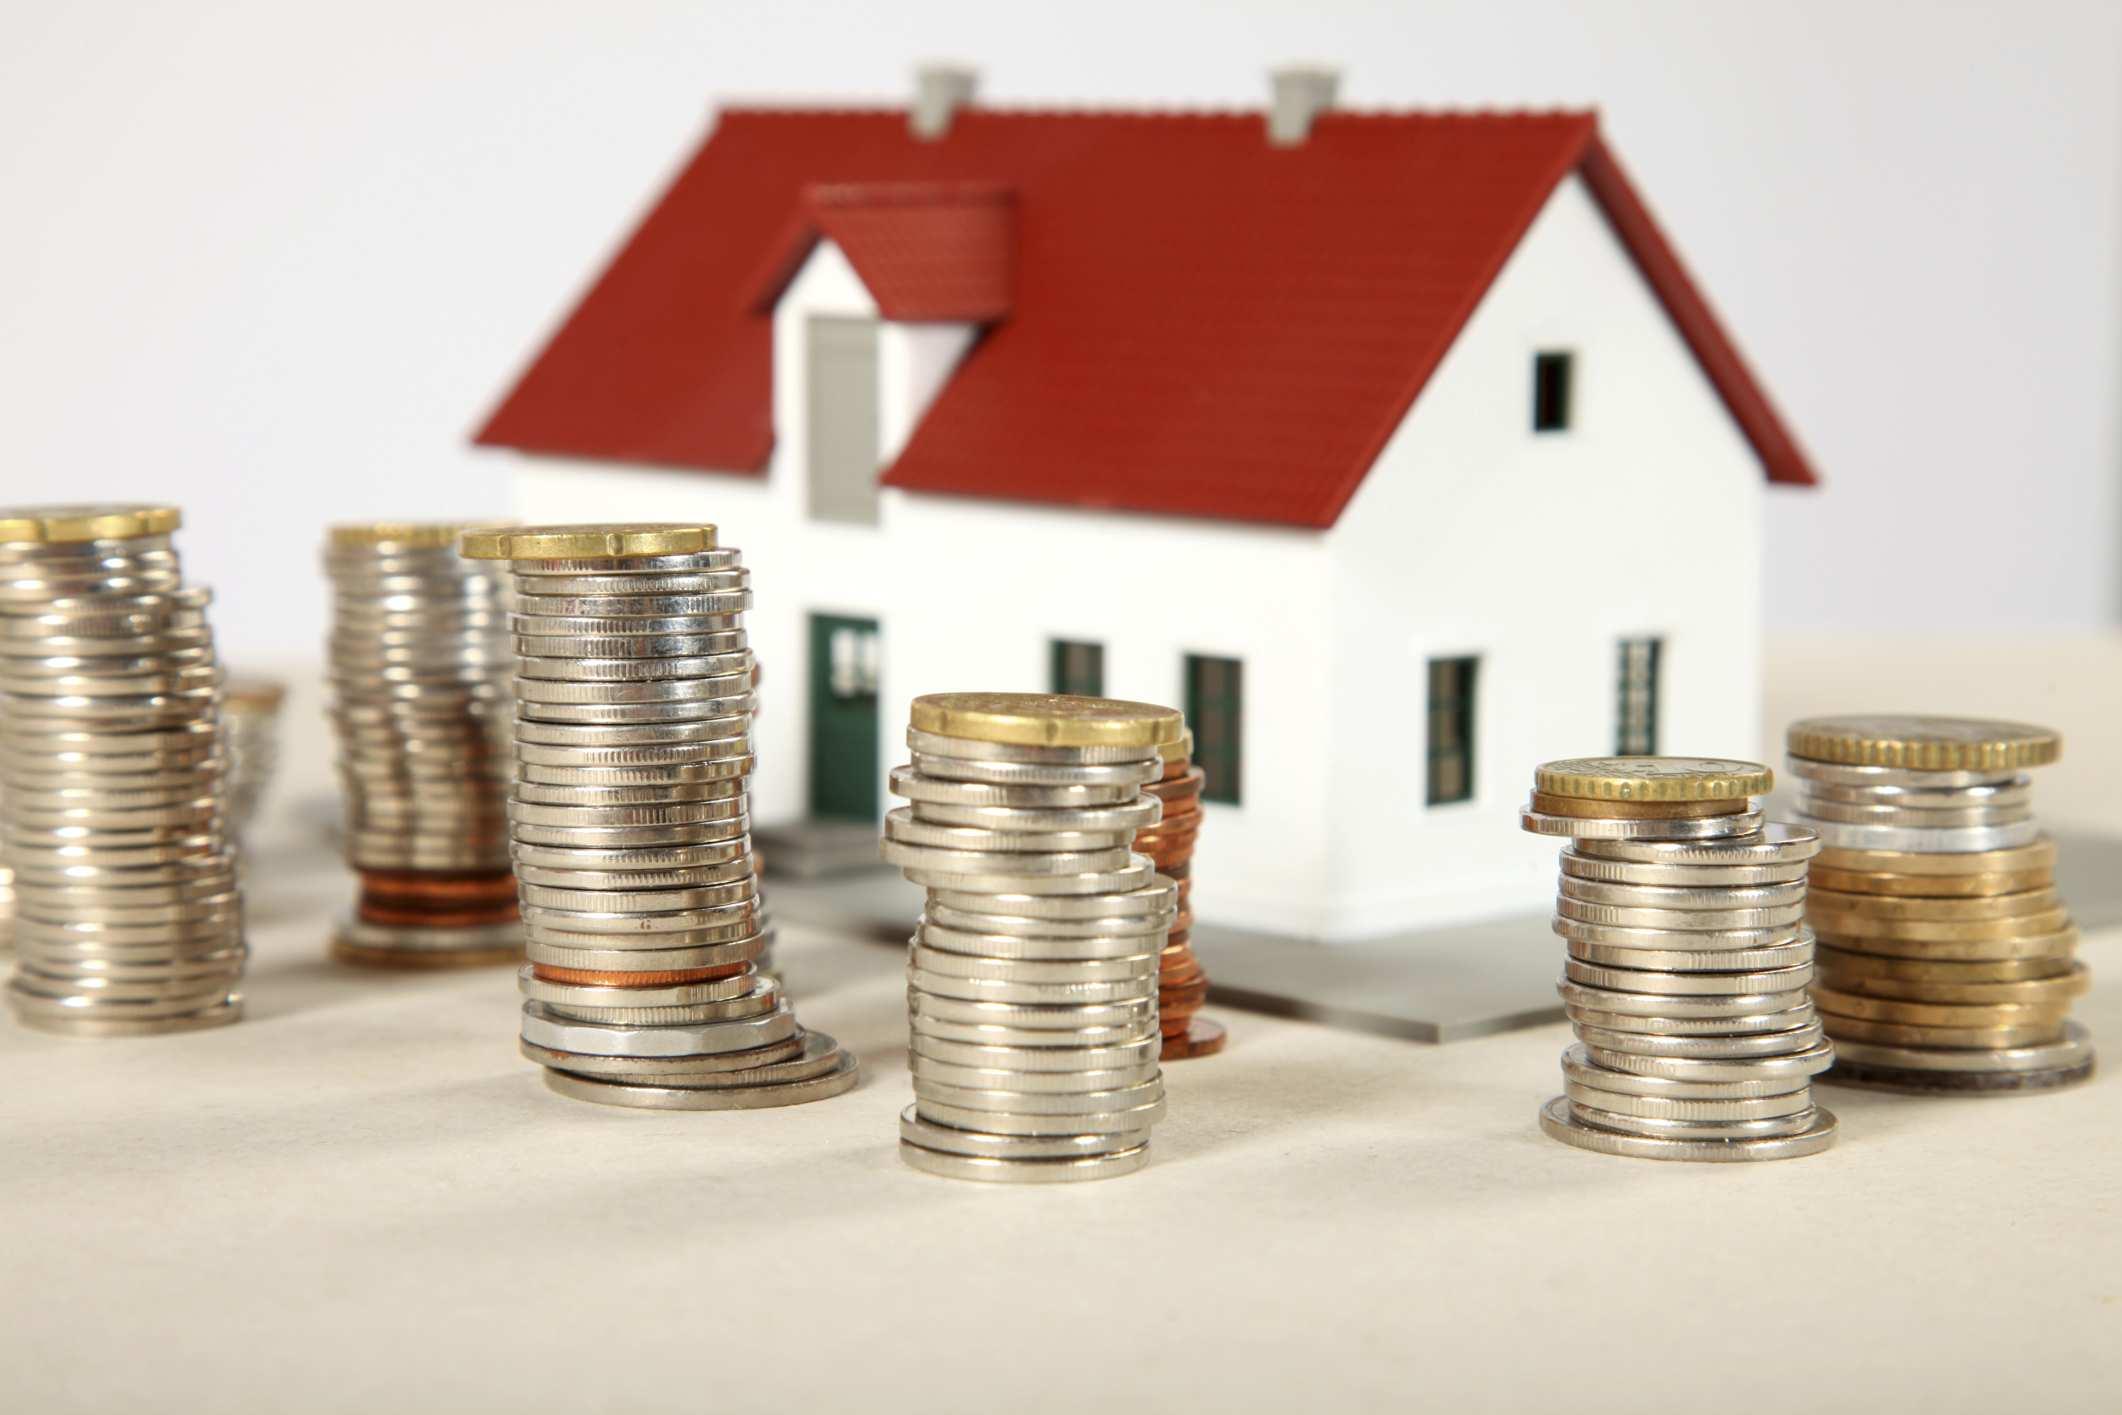 مسکن؛ خانه یا سرمایه؟